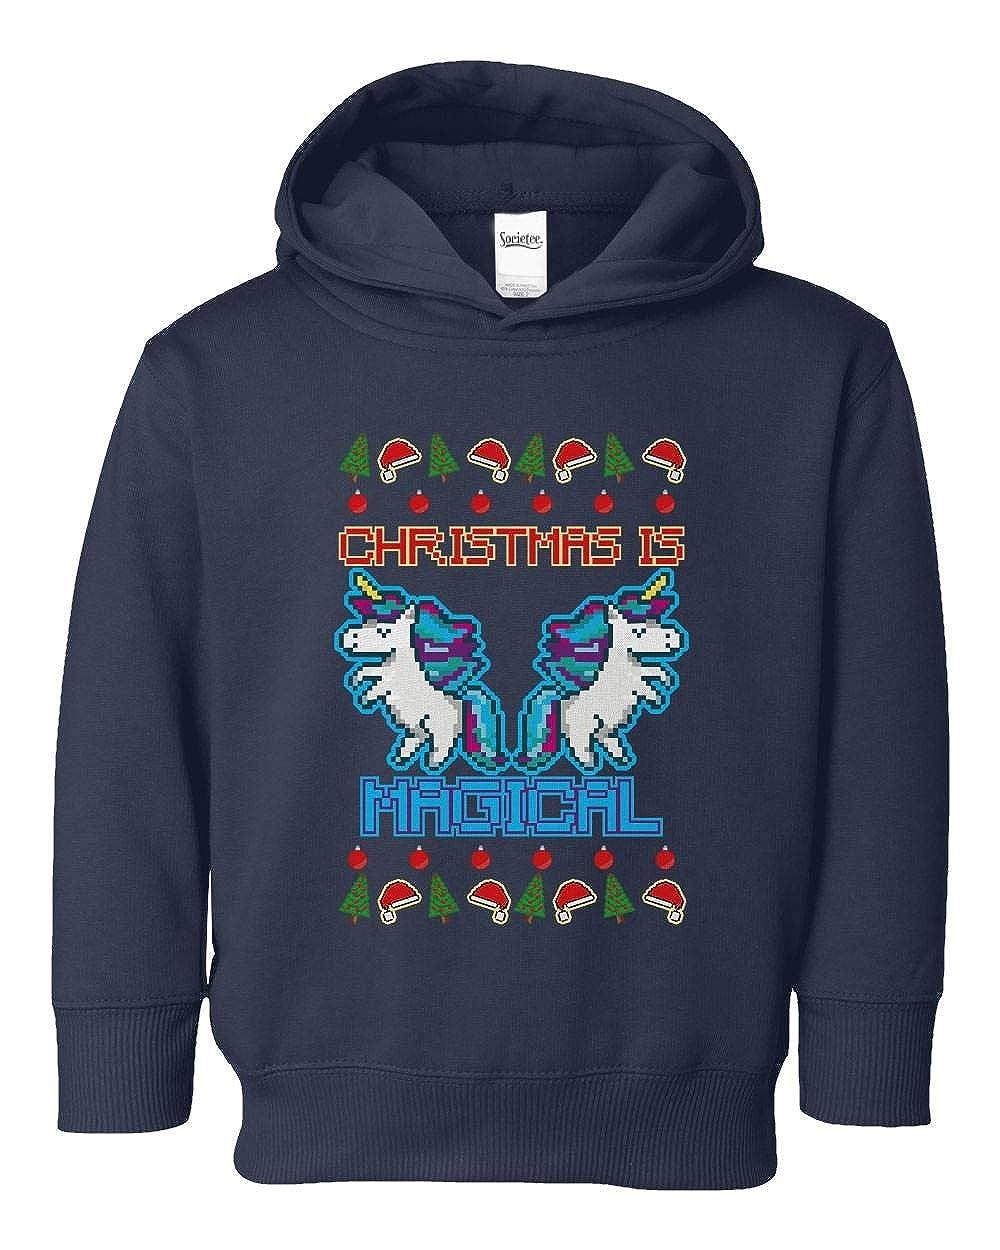 Societee Christmas is Magical Unicorn Ugly Christmas Girls Boys Toddler Hooded Sweatshirt